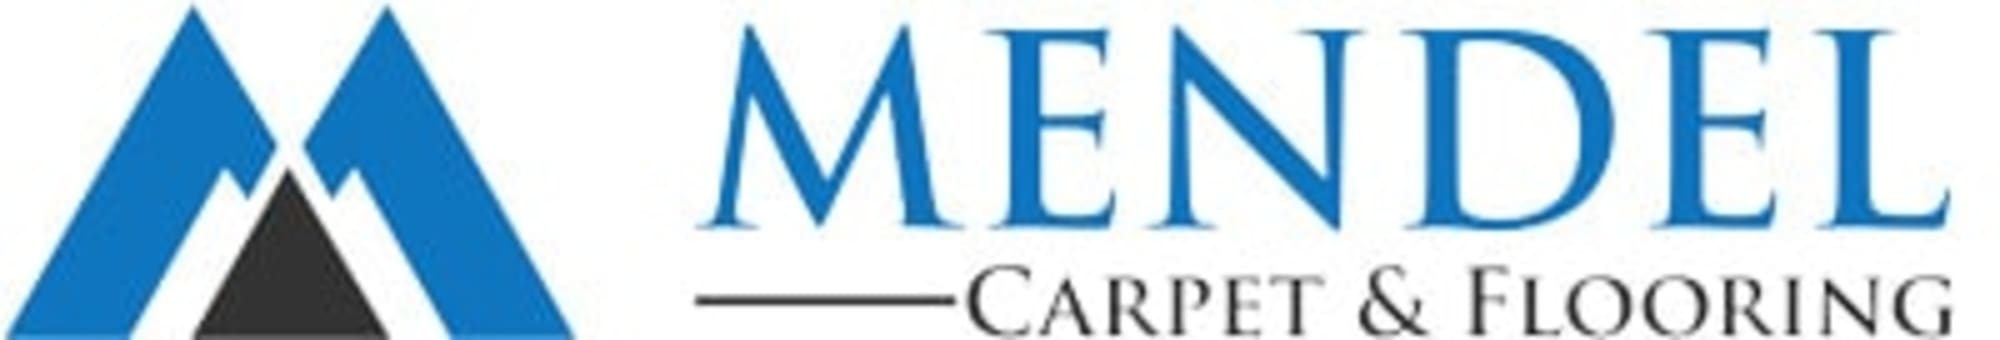 Mendel Carpet & Flooring - 8520 Castleton Square Dr Indianapolis, IN 46250